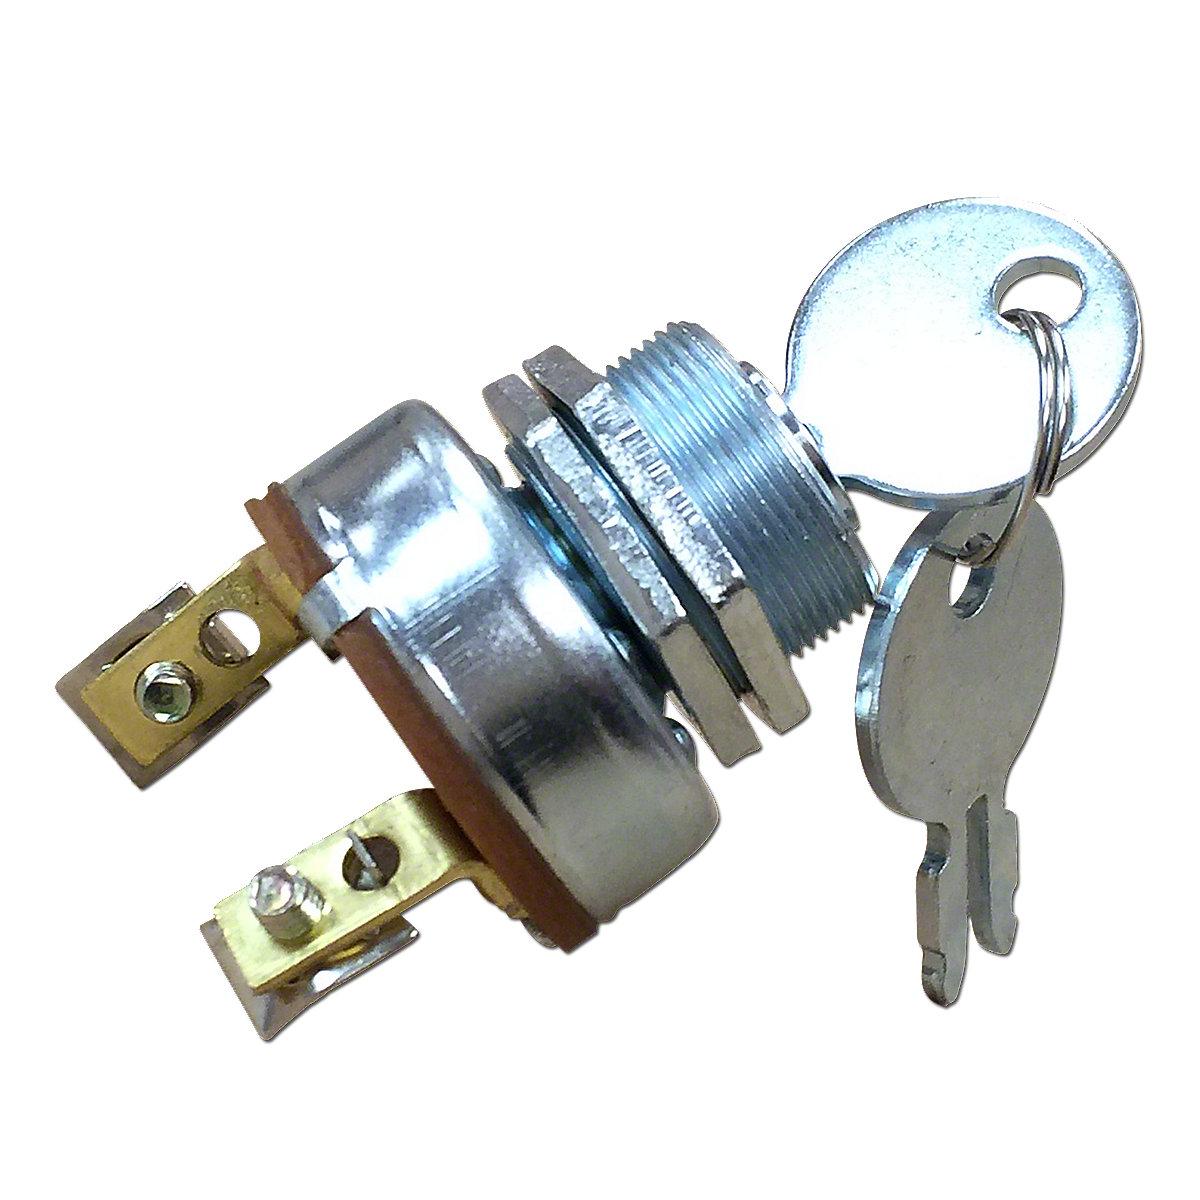 JDS763 Ignition Switch / Key Switch